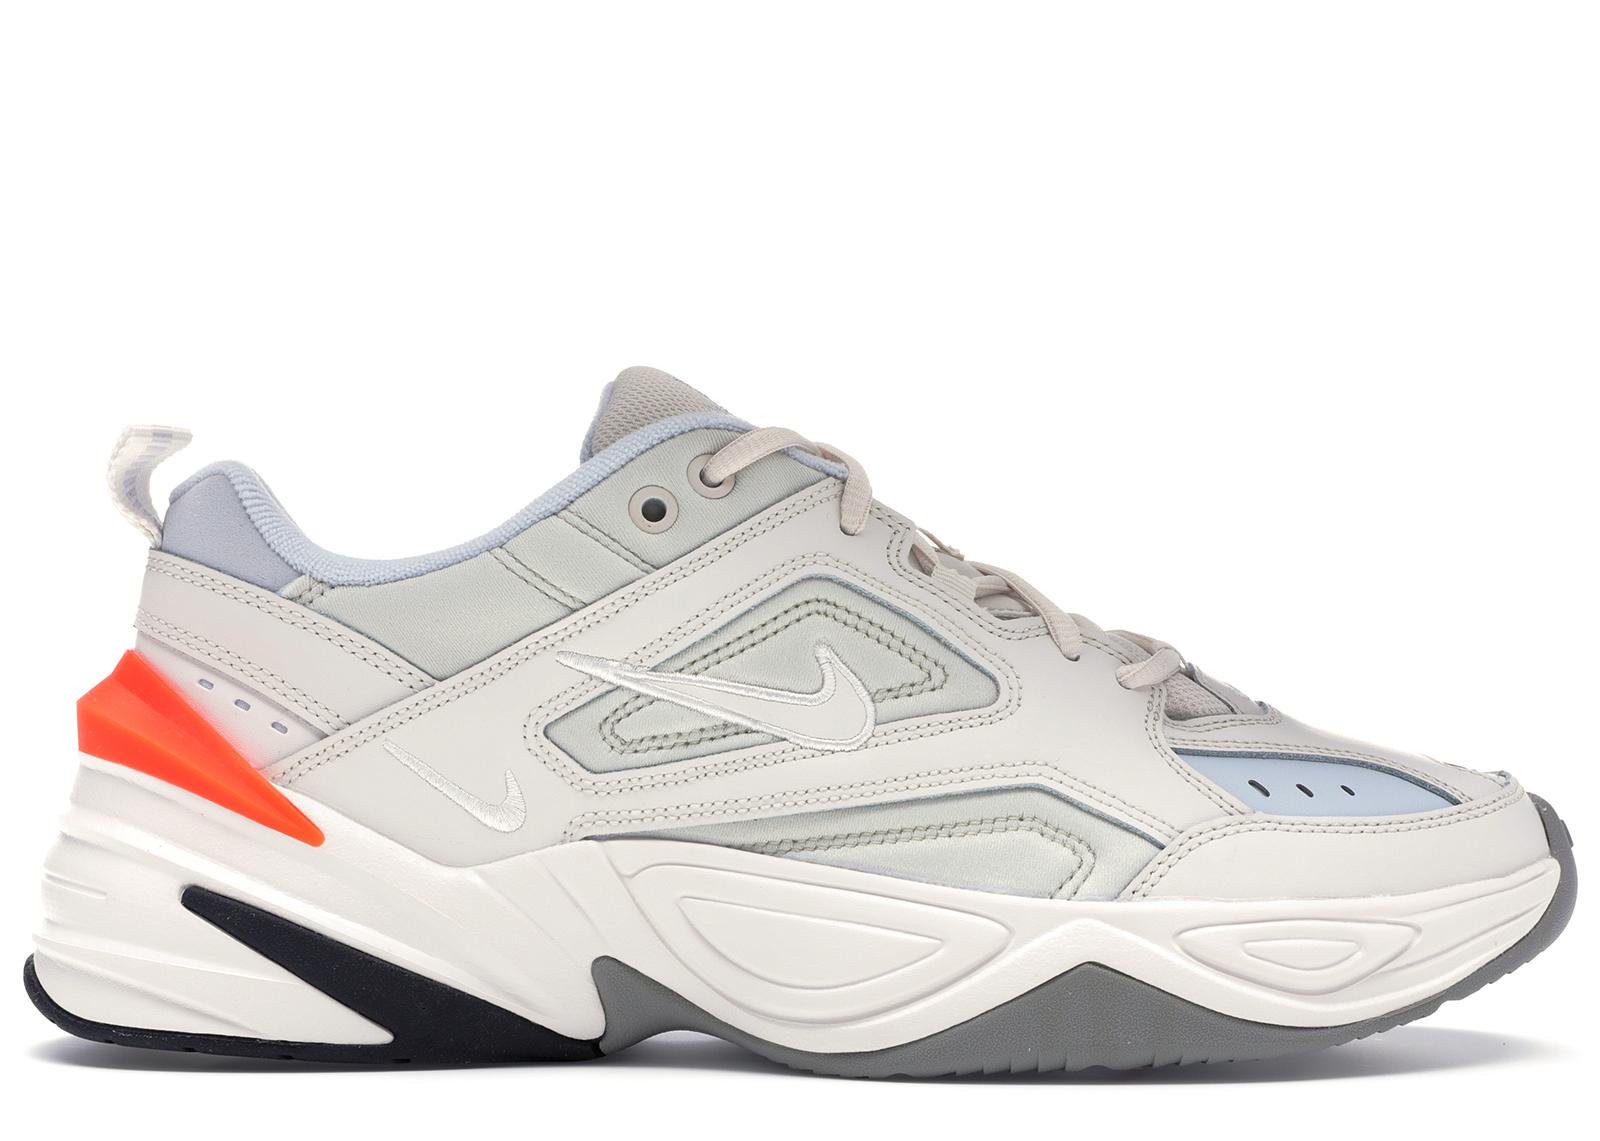 new product a0a1d 5e7dd HypeAnalyzer · Nike M2K Tekno Phantom Olive Grey